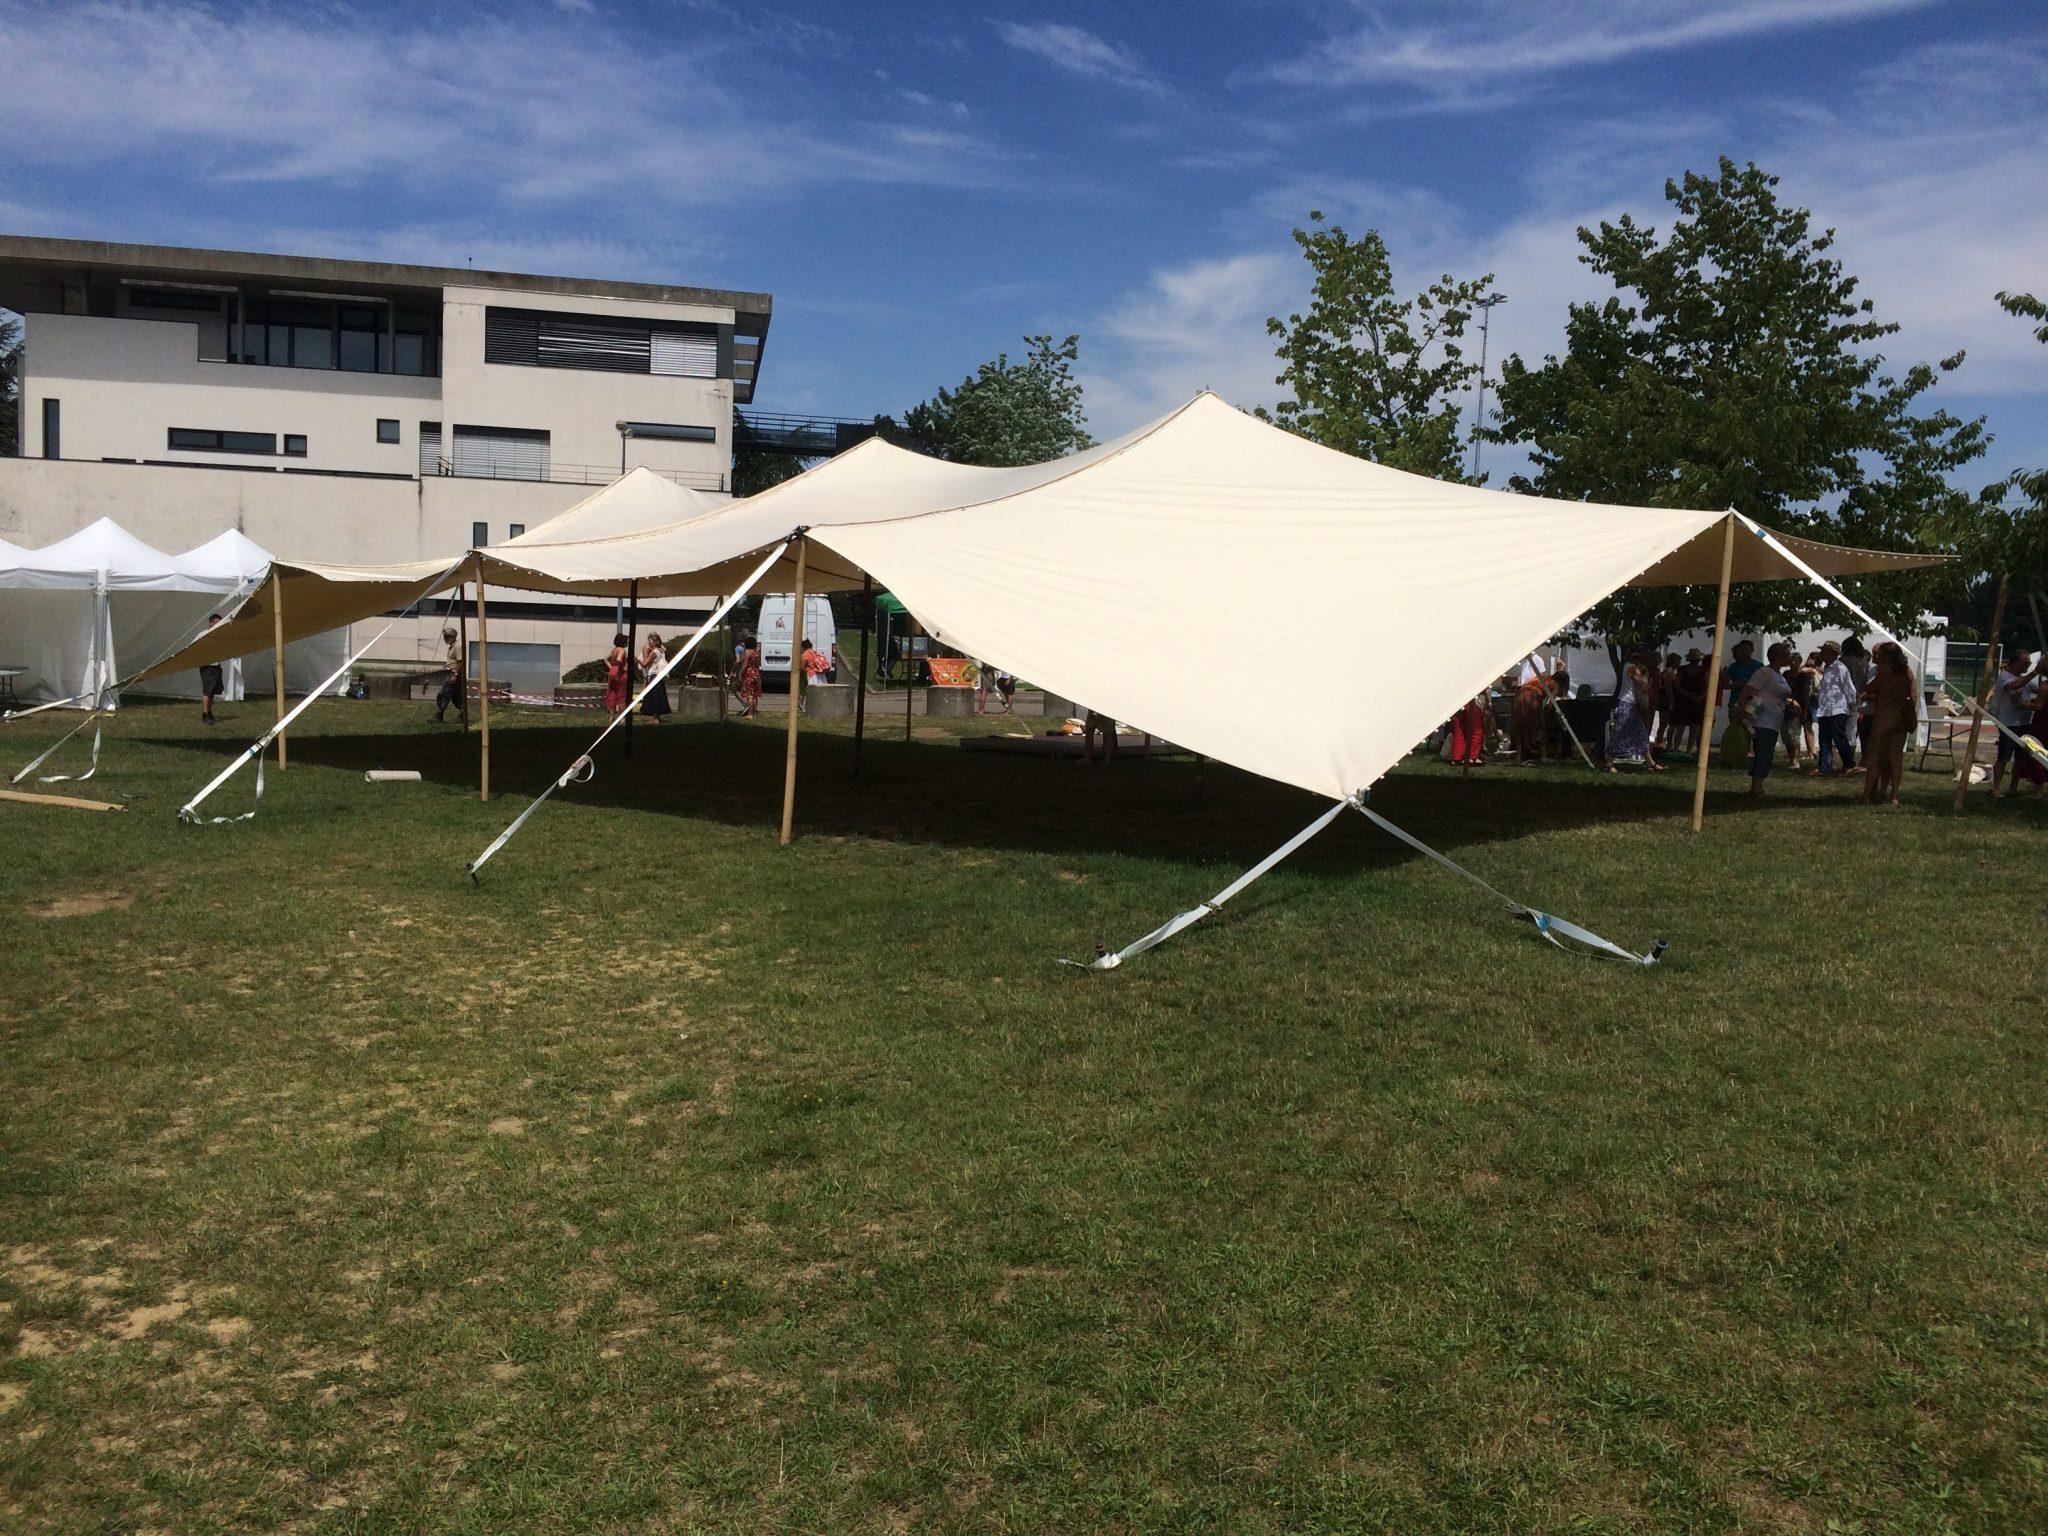 location tente nomade à Dijon, Côte d'Or, Bourgogne-Franche-Comté0690